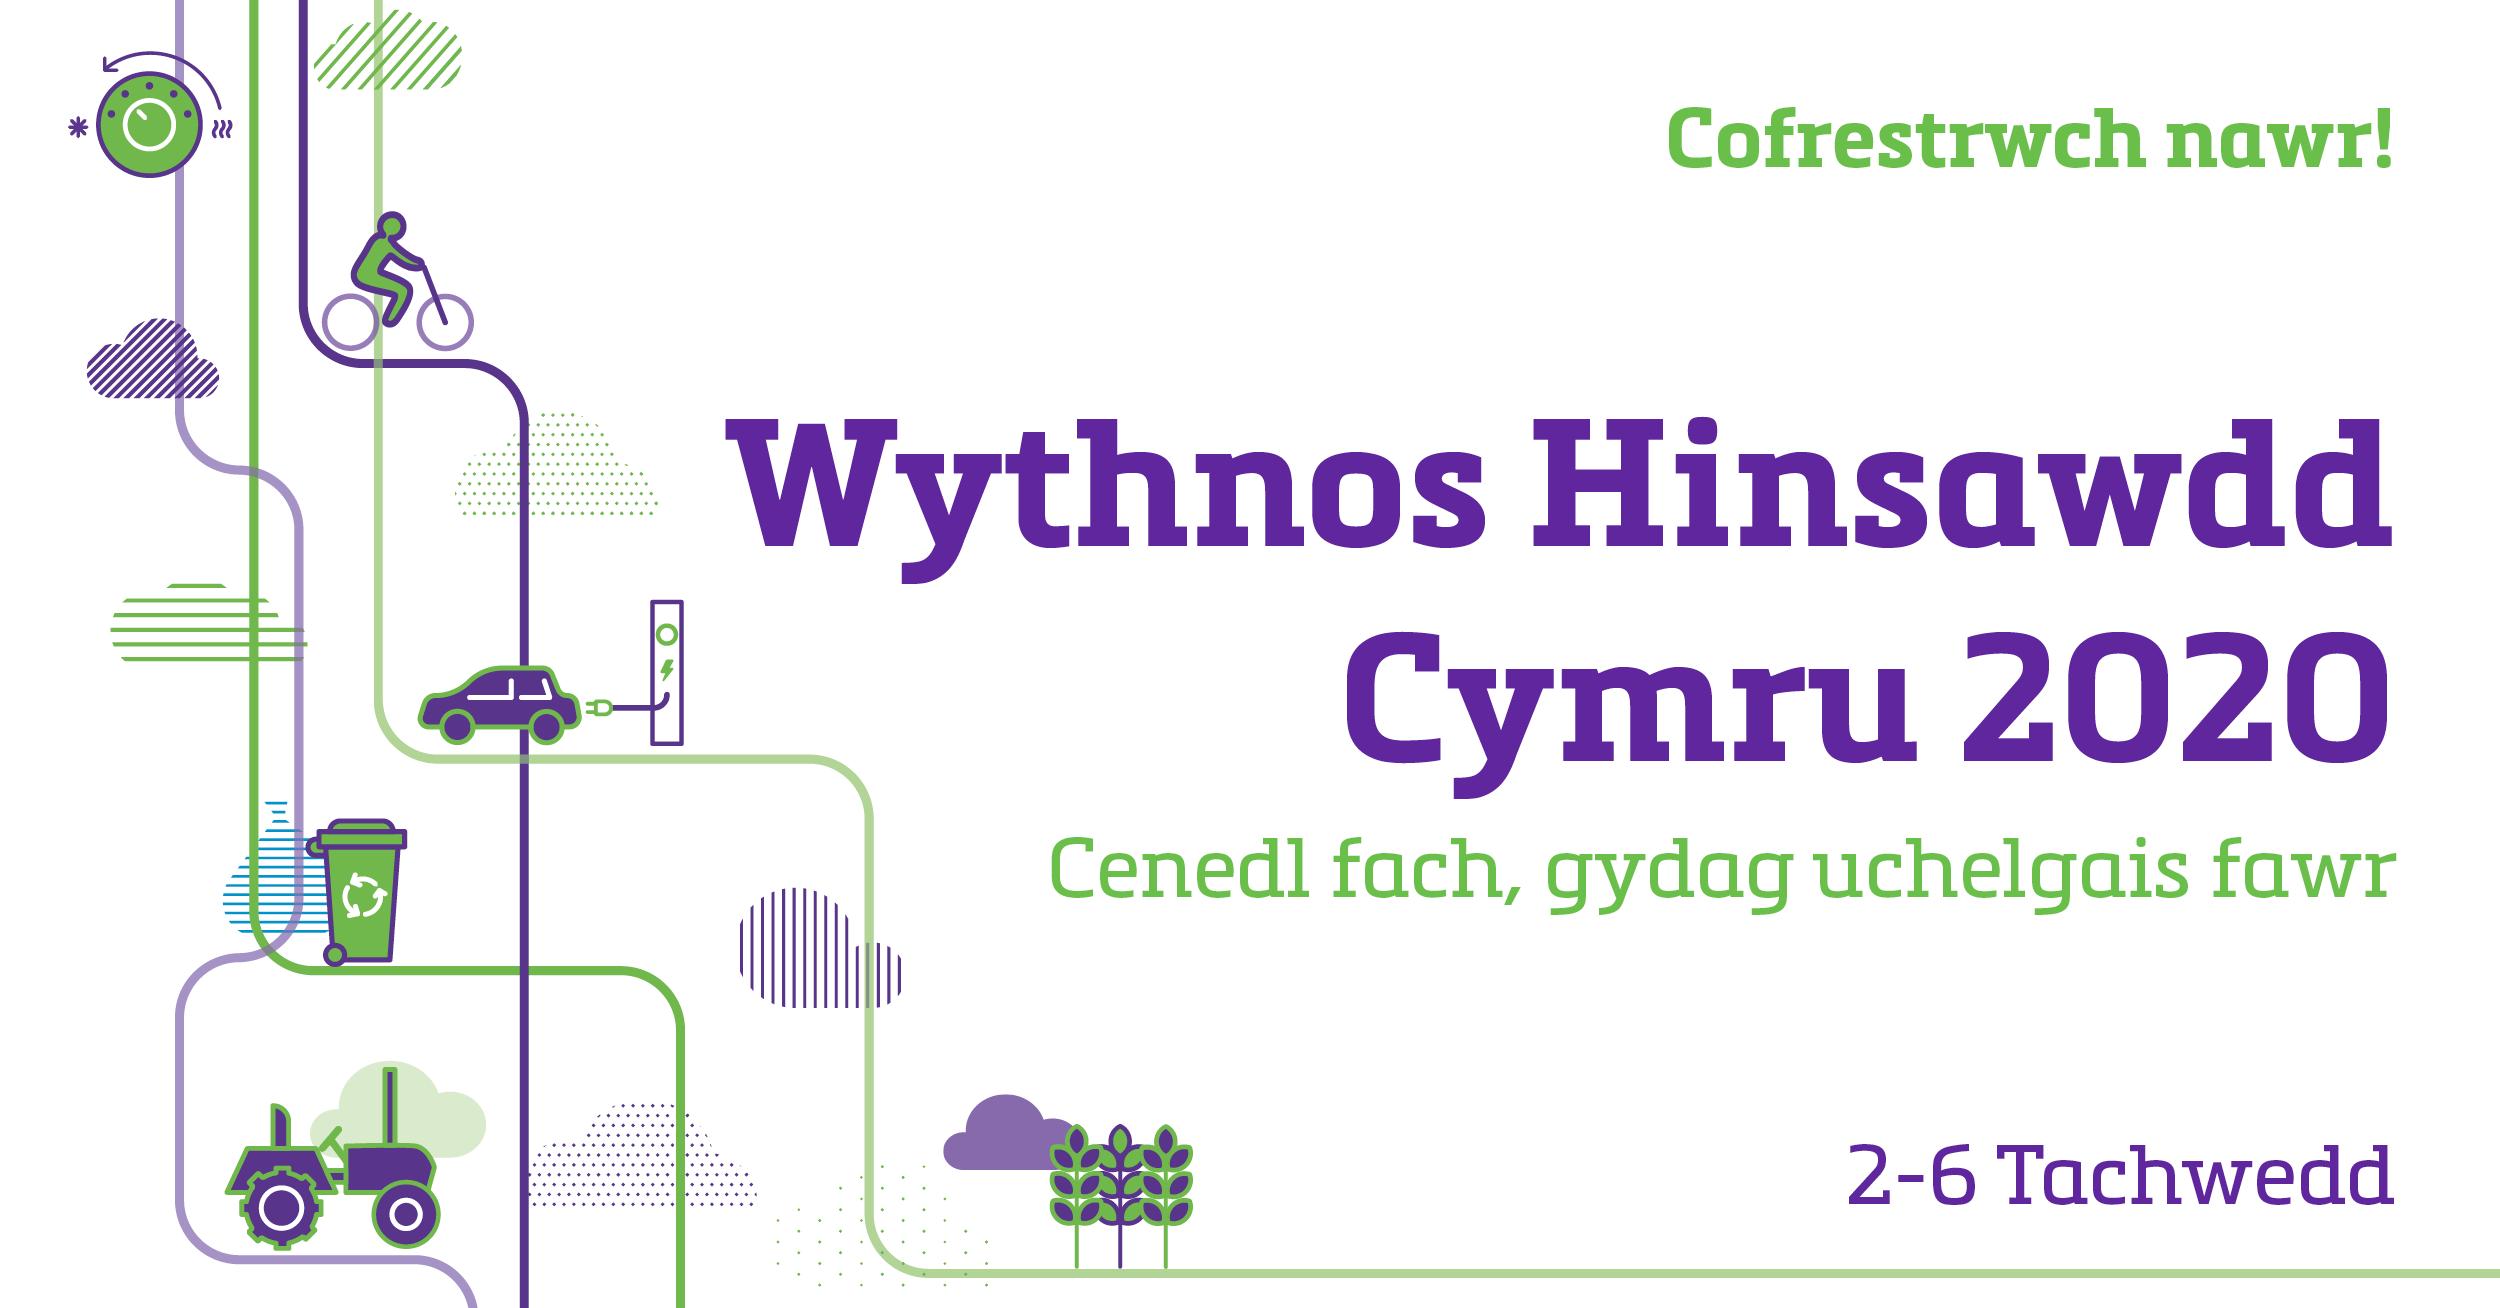 Wales Climate Week - Wythnos Hinsawdd Cymru